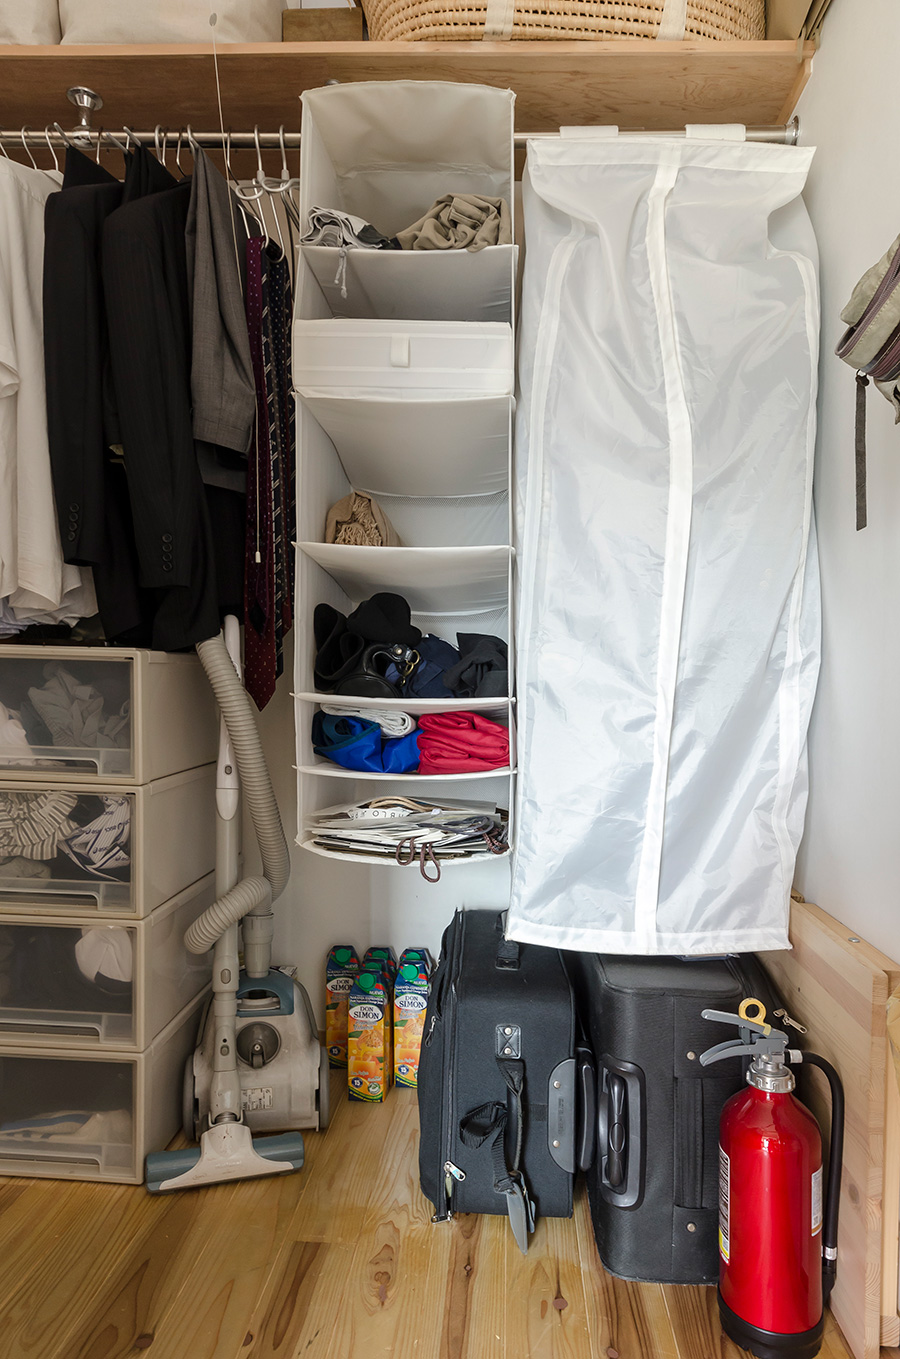 IKEAや無印良品の布製ホルダーが、小分けに活躍。 避難グッズを収めたキャリーケースを片隅に。